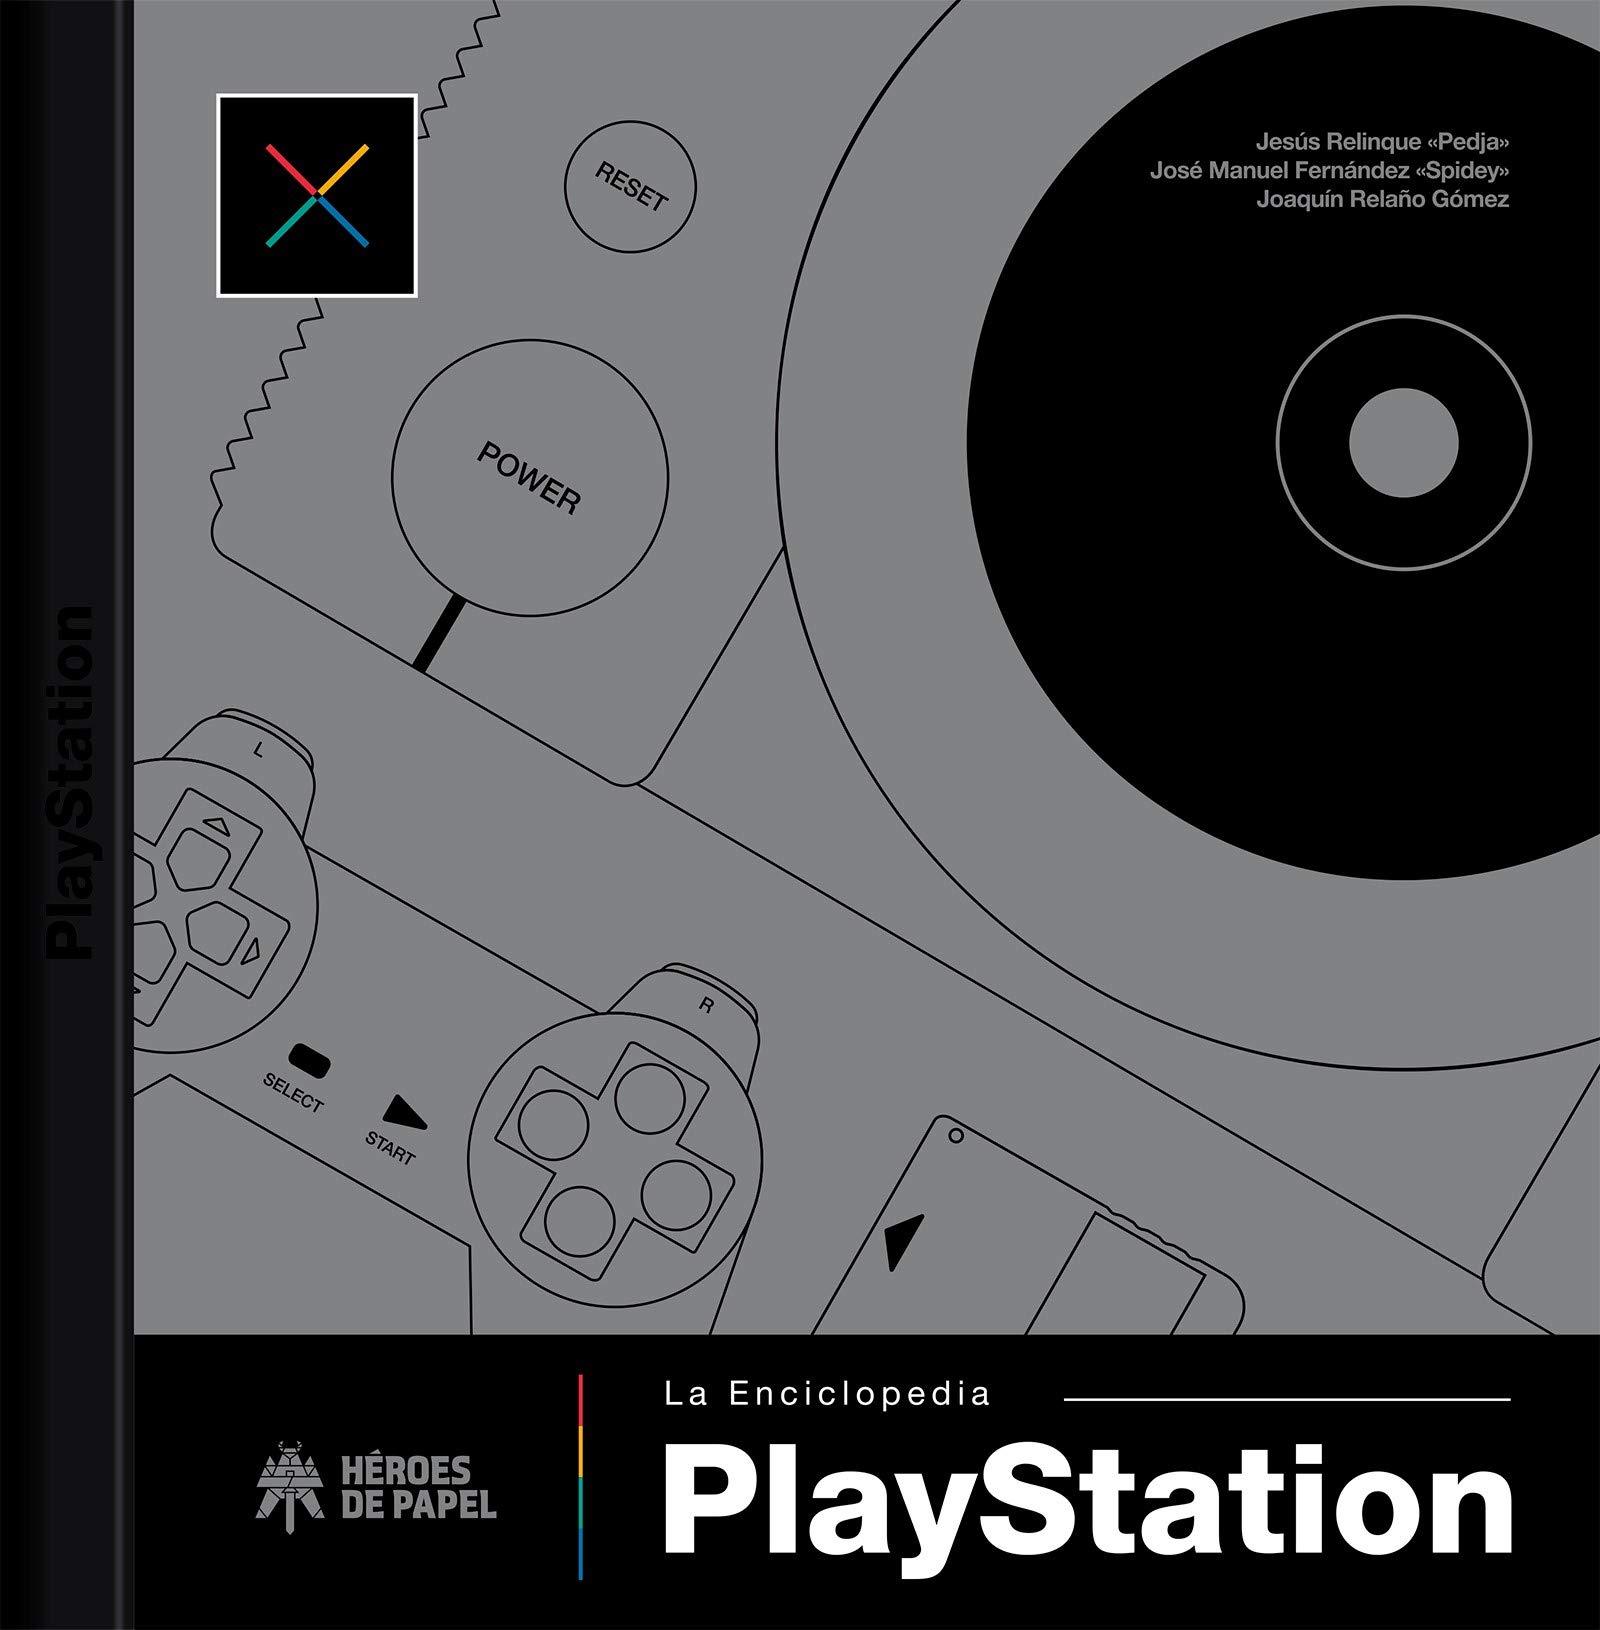 La Enciclopedia PlayStation: Amazon.es: Fernández «Spidey», José Manuel, Relinque «Pedja», Jesús, Relaño Gómez, Joaquín: Libros